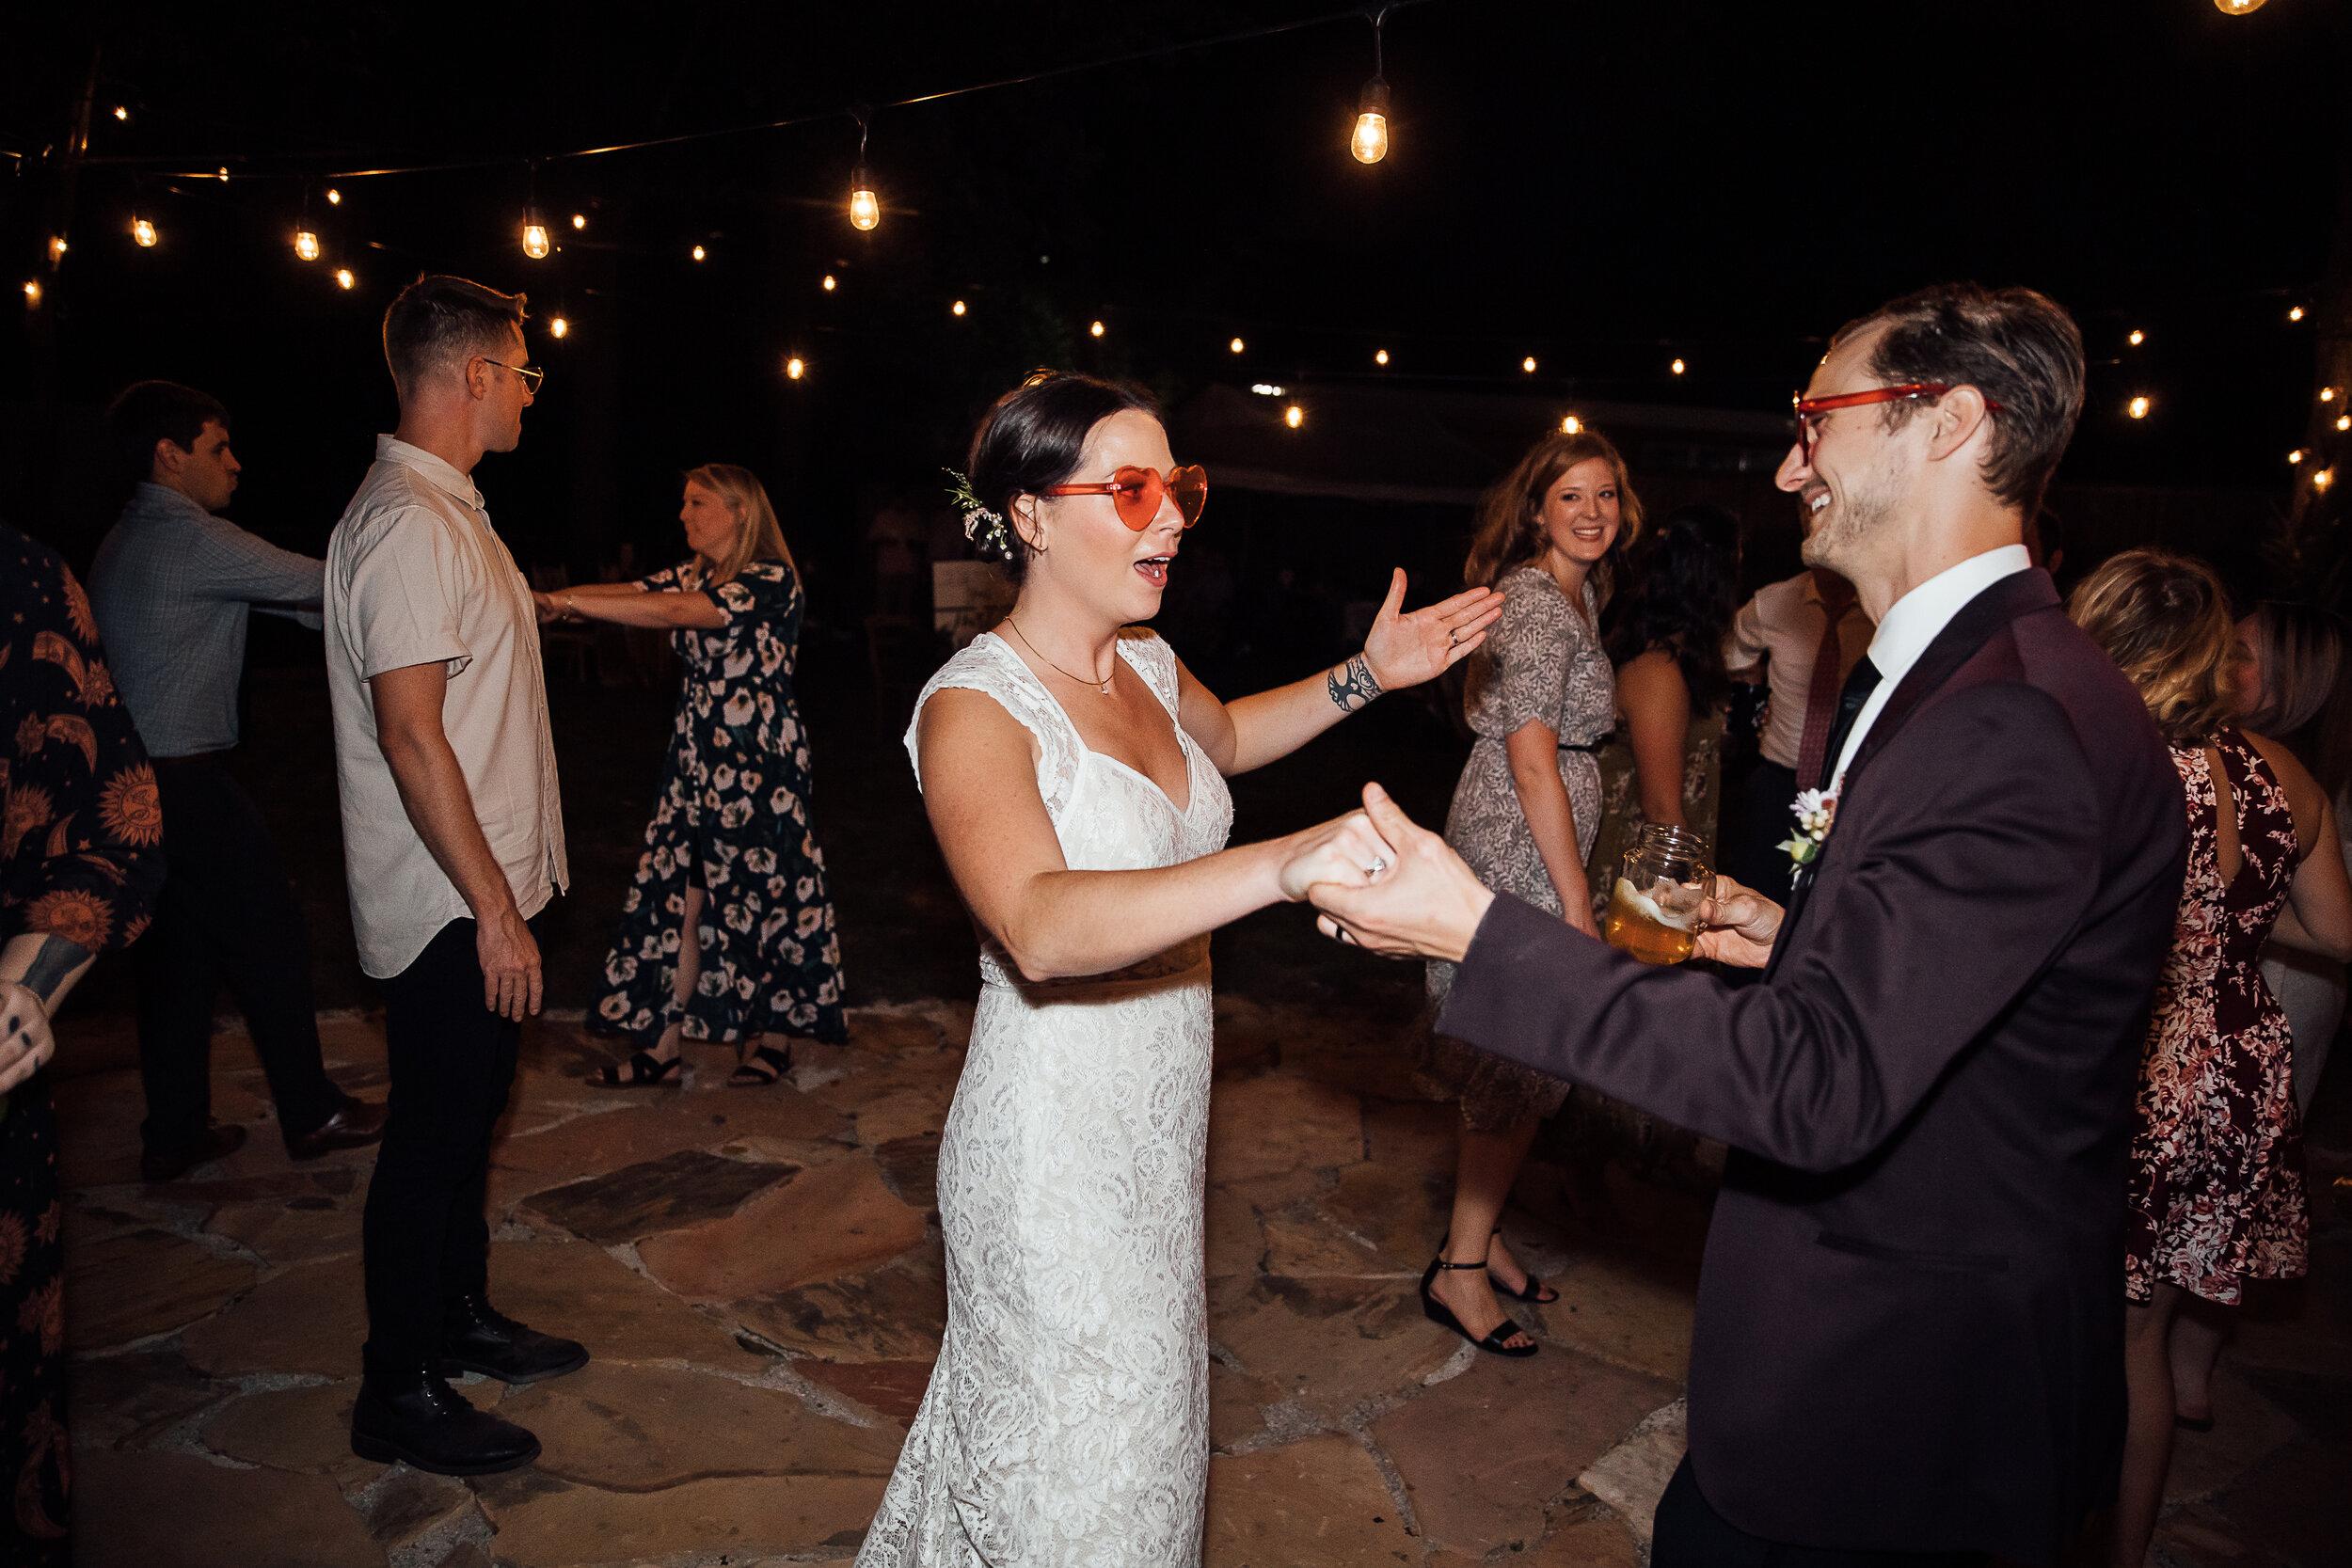 Allison-and-Wesley-Memphis-Backyard-Wedding-TheWarmthAroundYou-76.jpg